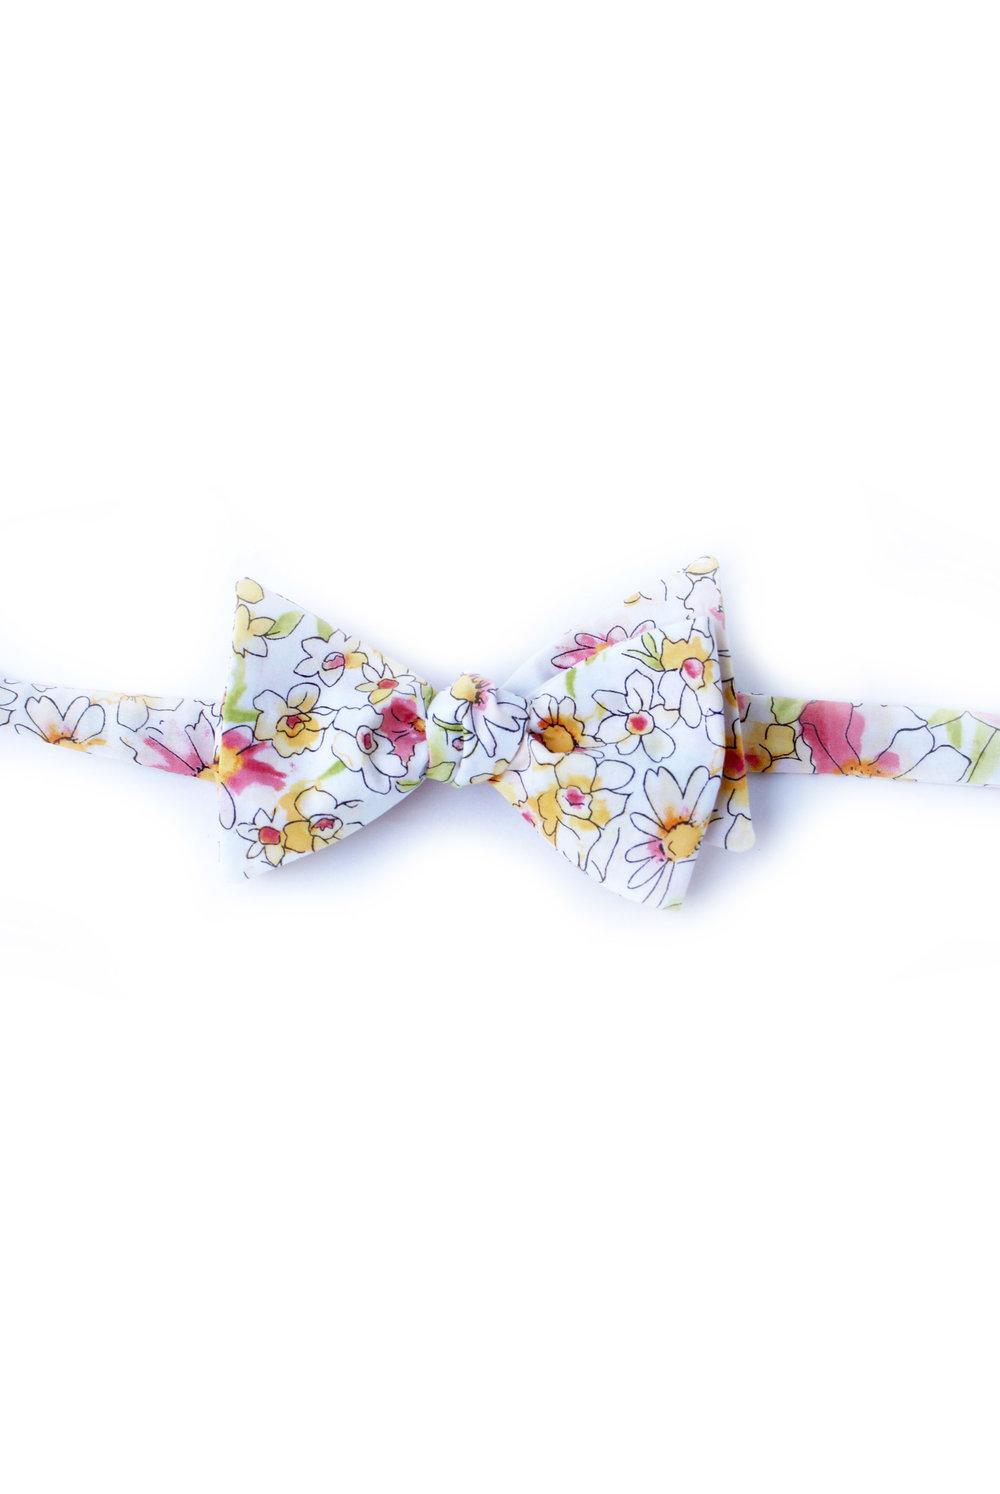 1000x1494 Watercolor Floral Bow Tie Anna Runa